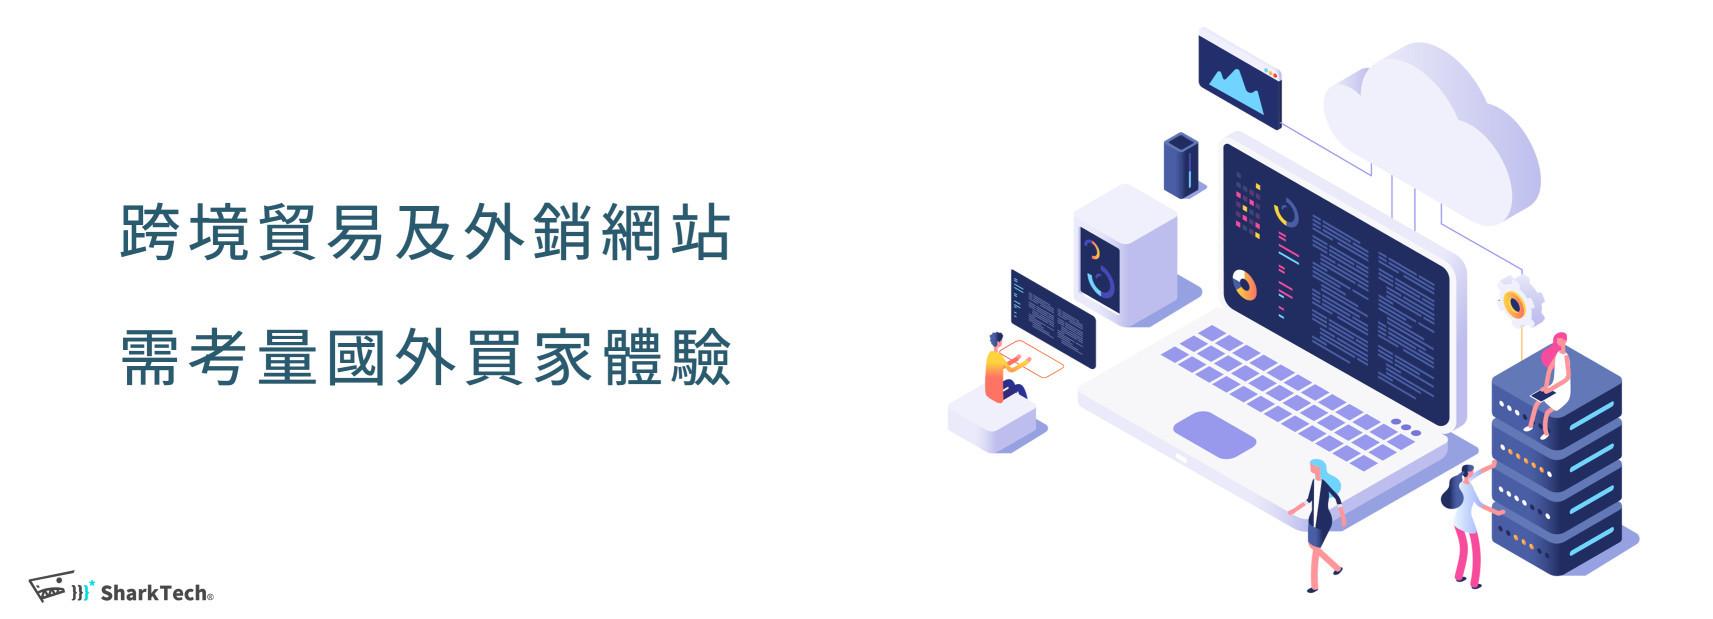 CDN快取服務改善B2B多國語言網站速度-考量國外使用者體驗|鯊客科技SEO優化網站設計公司